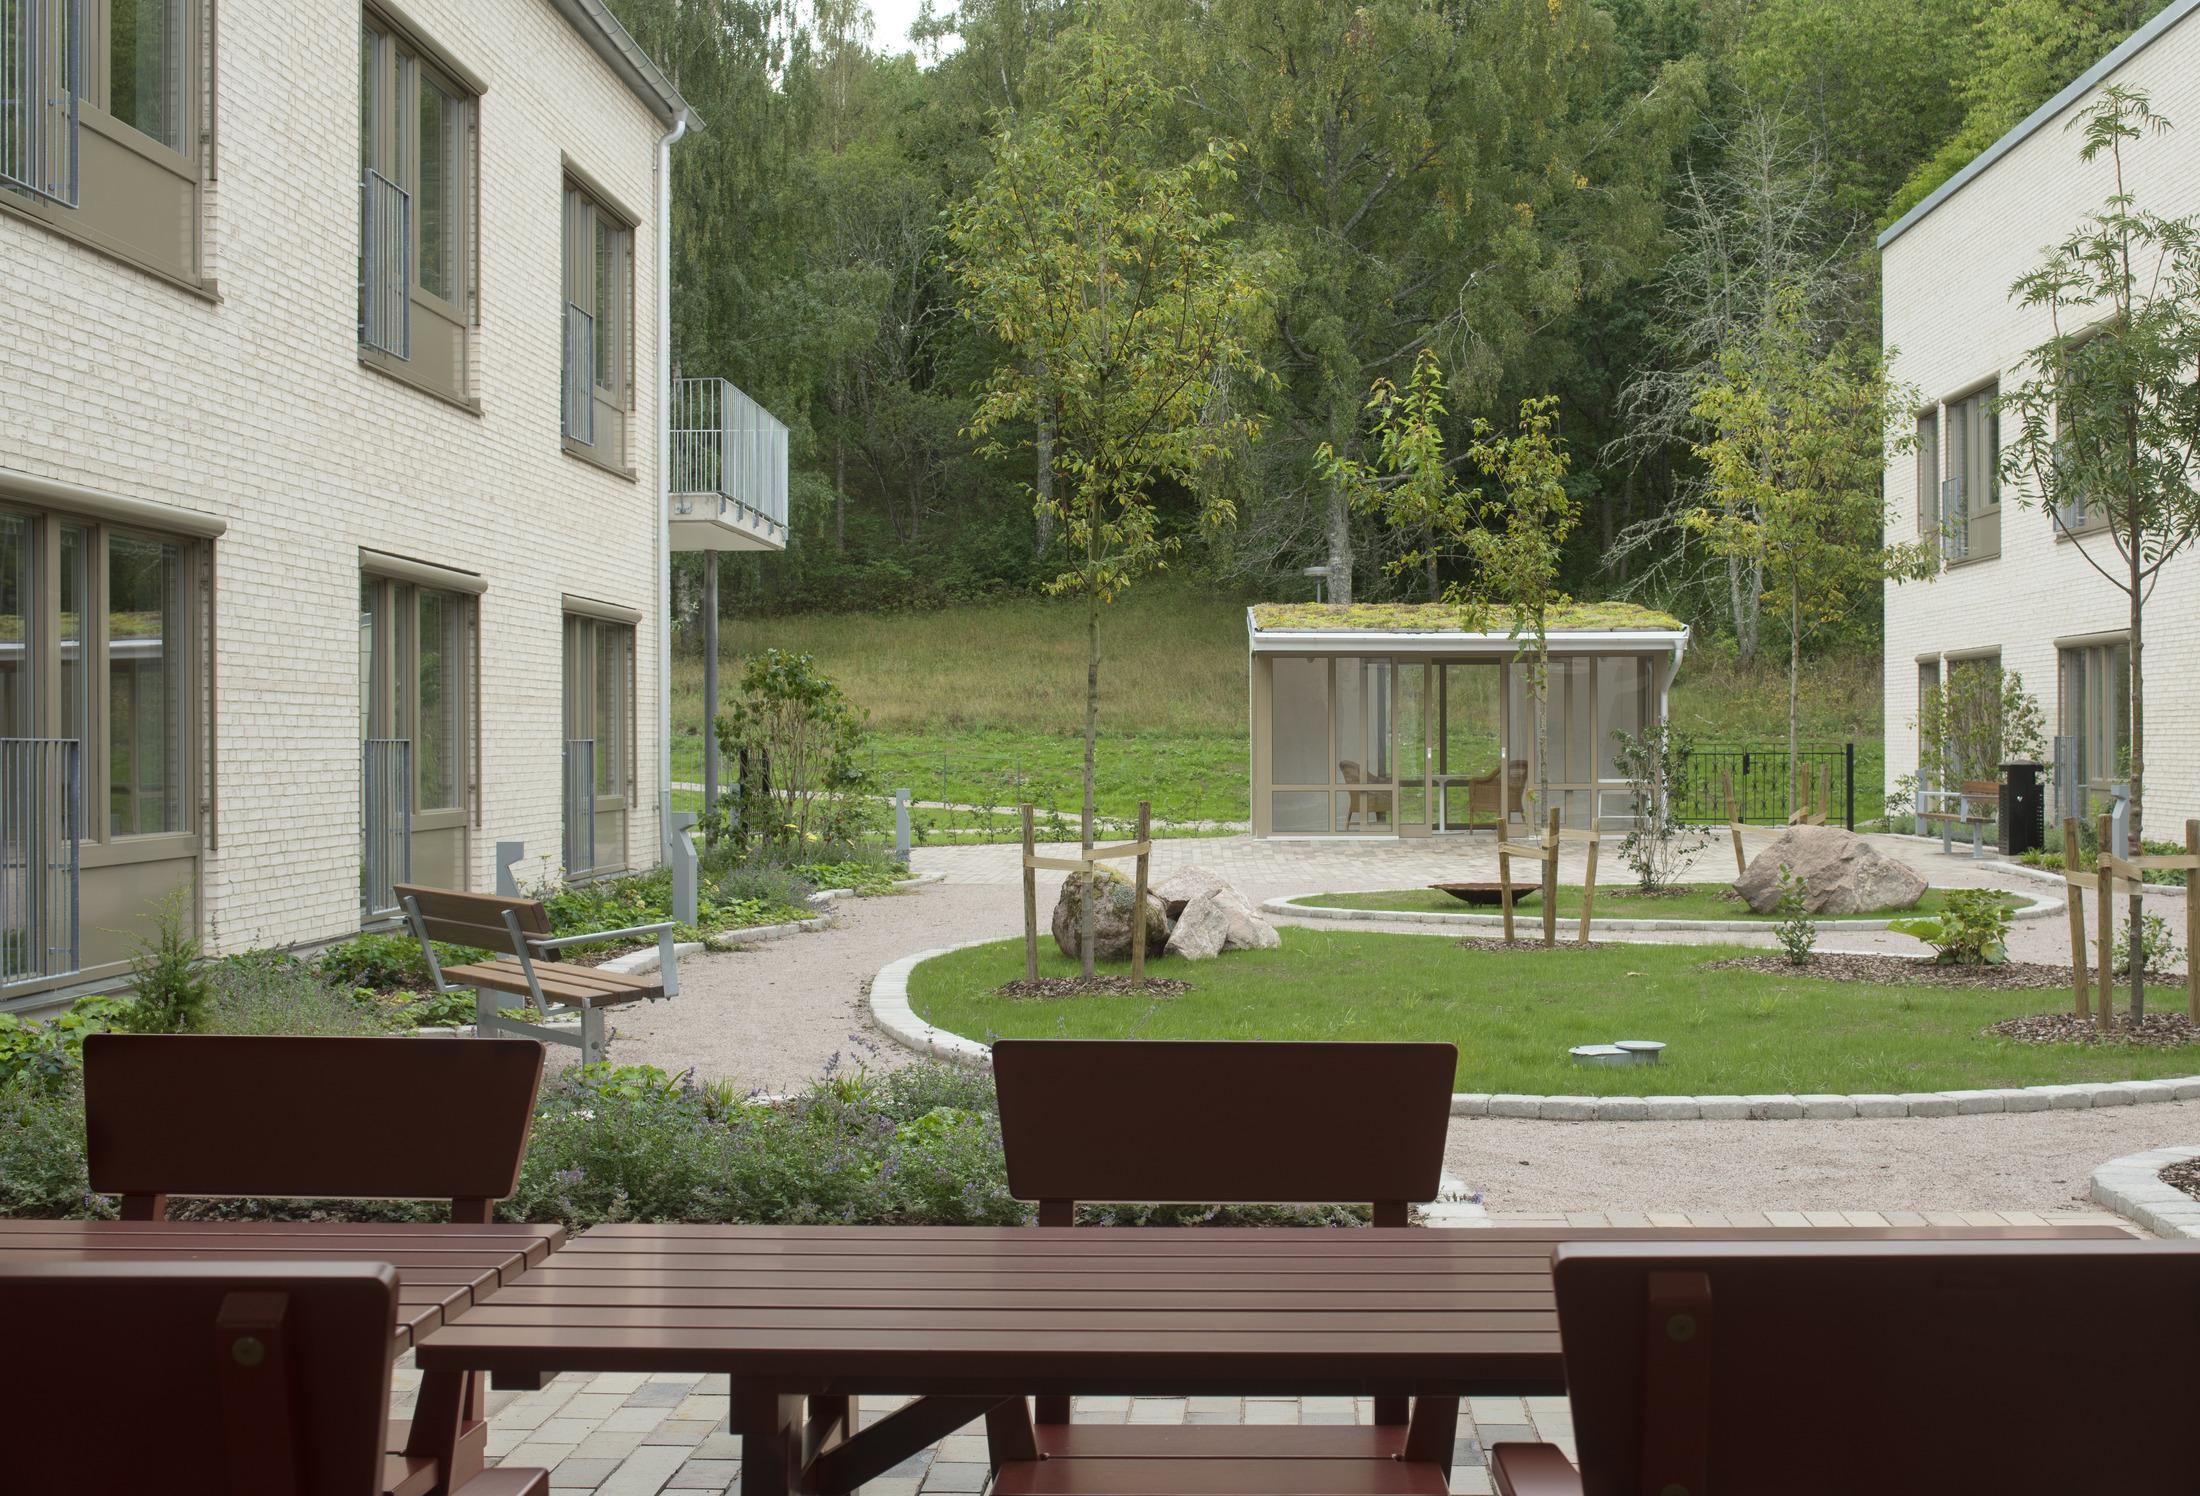 Trevlig utemiljö vid Råsvägens vård- och omsorgsboende